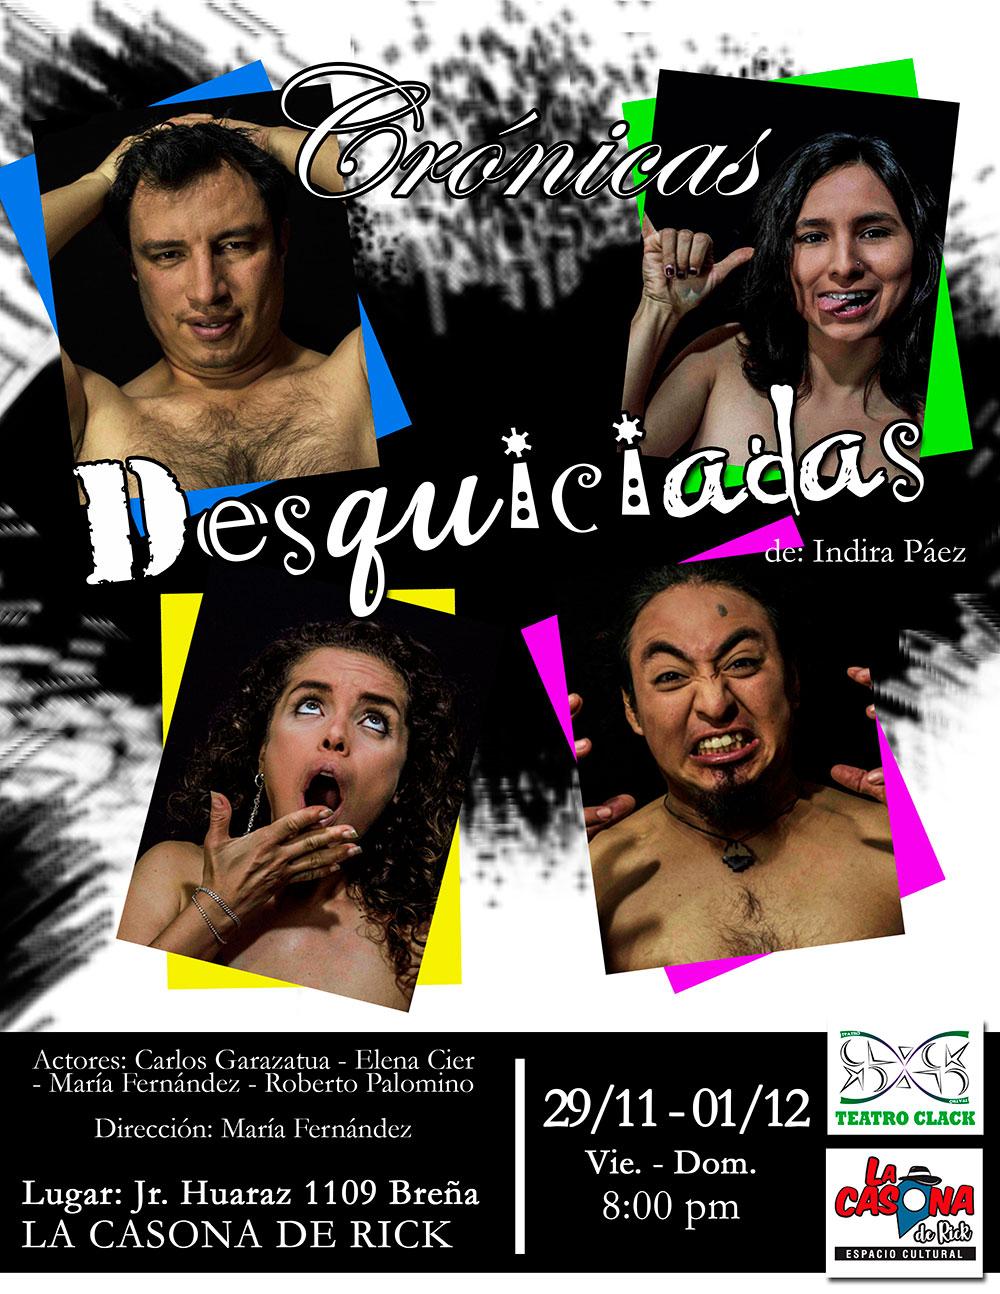 Crónicas desquiciadas obra de teatro humor sarcasmo reflexión - ArtesUnidas.com